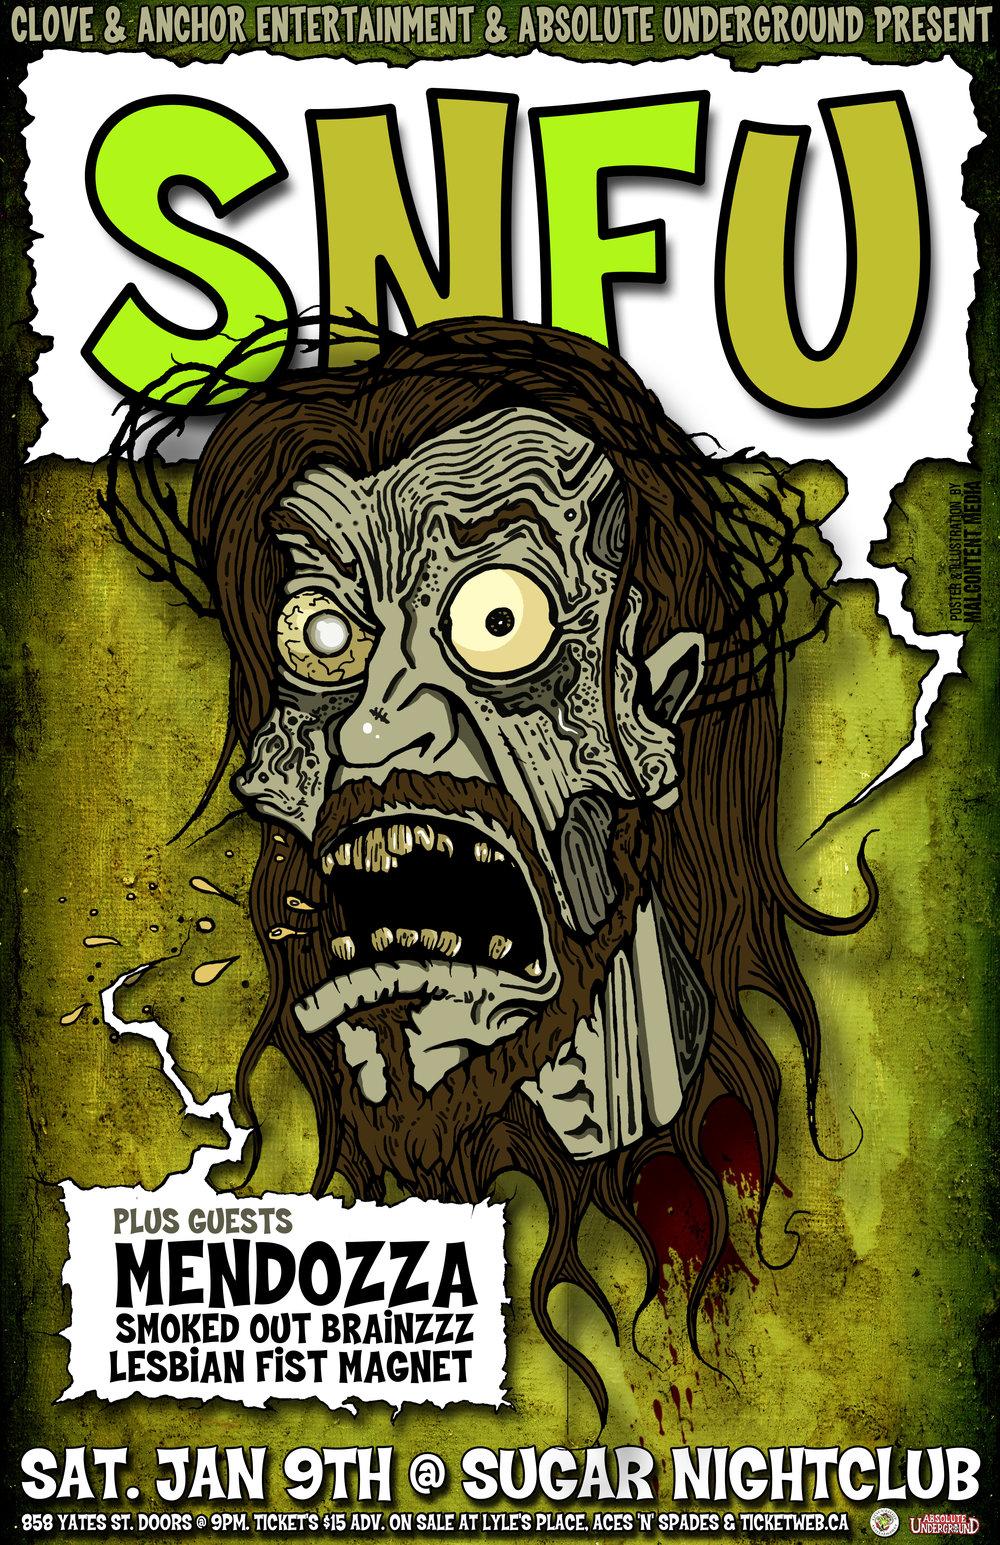 SNFU_heather.jpg